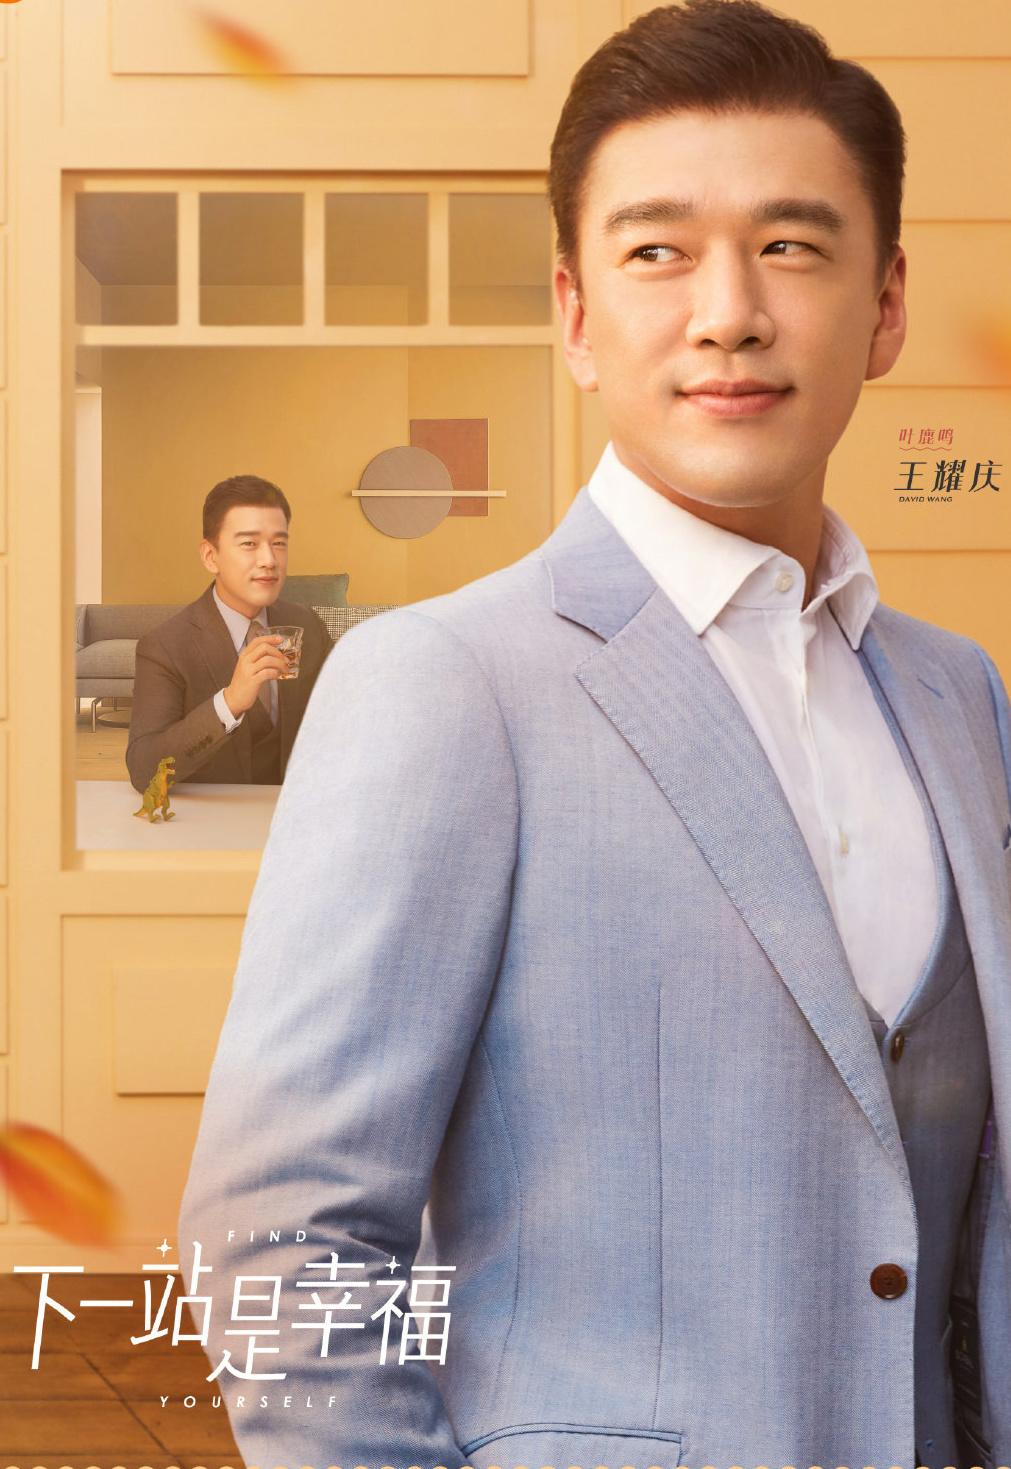 王耀慶新劇圓滿收官 寶藏大叔演技獲贊圈粉無數?